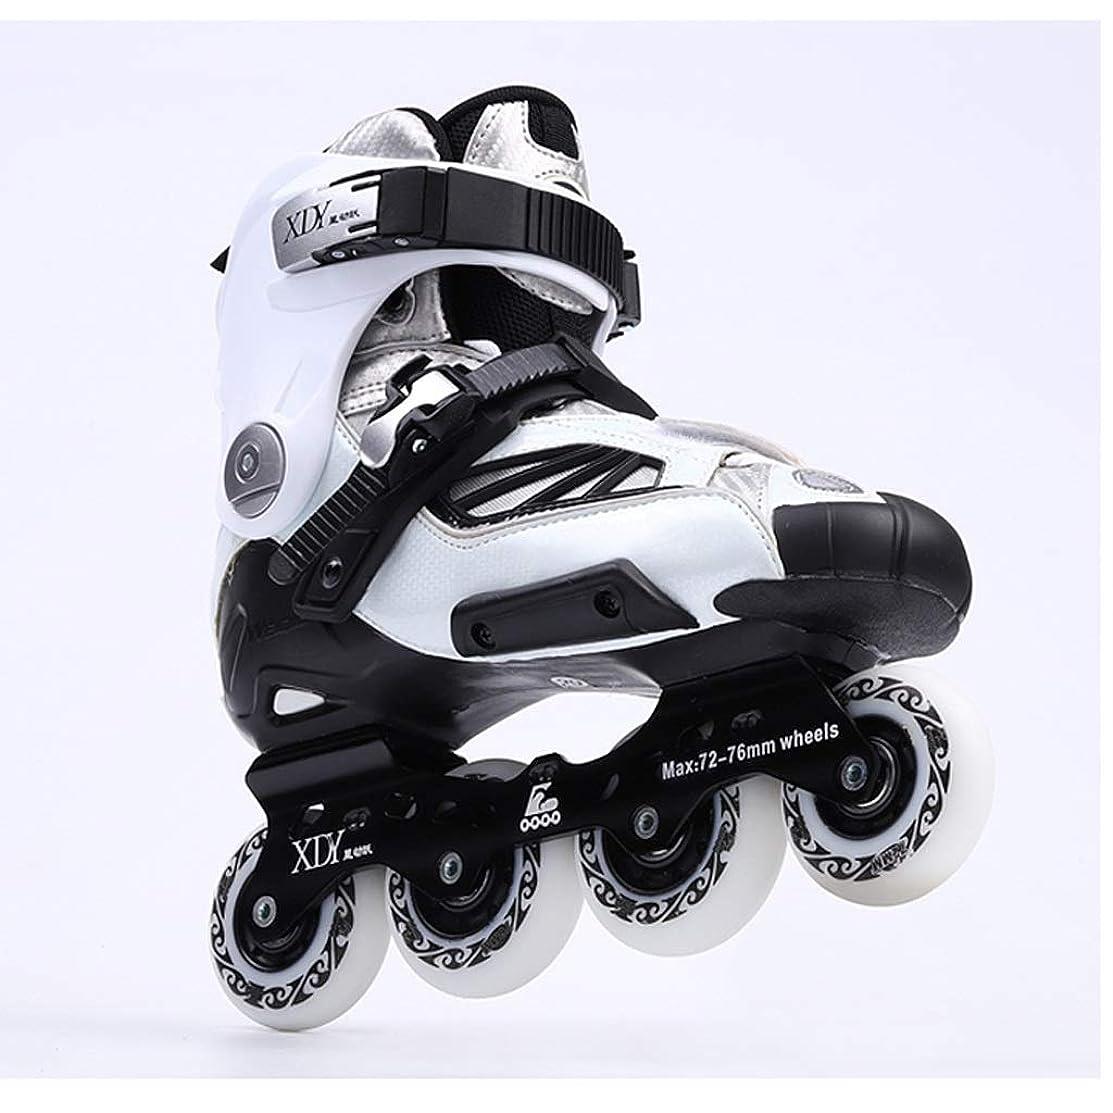 変化する感情カプラーZHANGHAIMING 高性能インラインスケート、成人男性用および女性用単列スケート、ファンシーグレードアップローラースケート、35?41ヤード (Color : B, Size : EU 37/US 5/UK 4/JP 23.5cm)